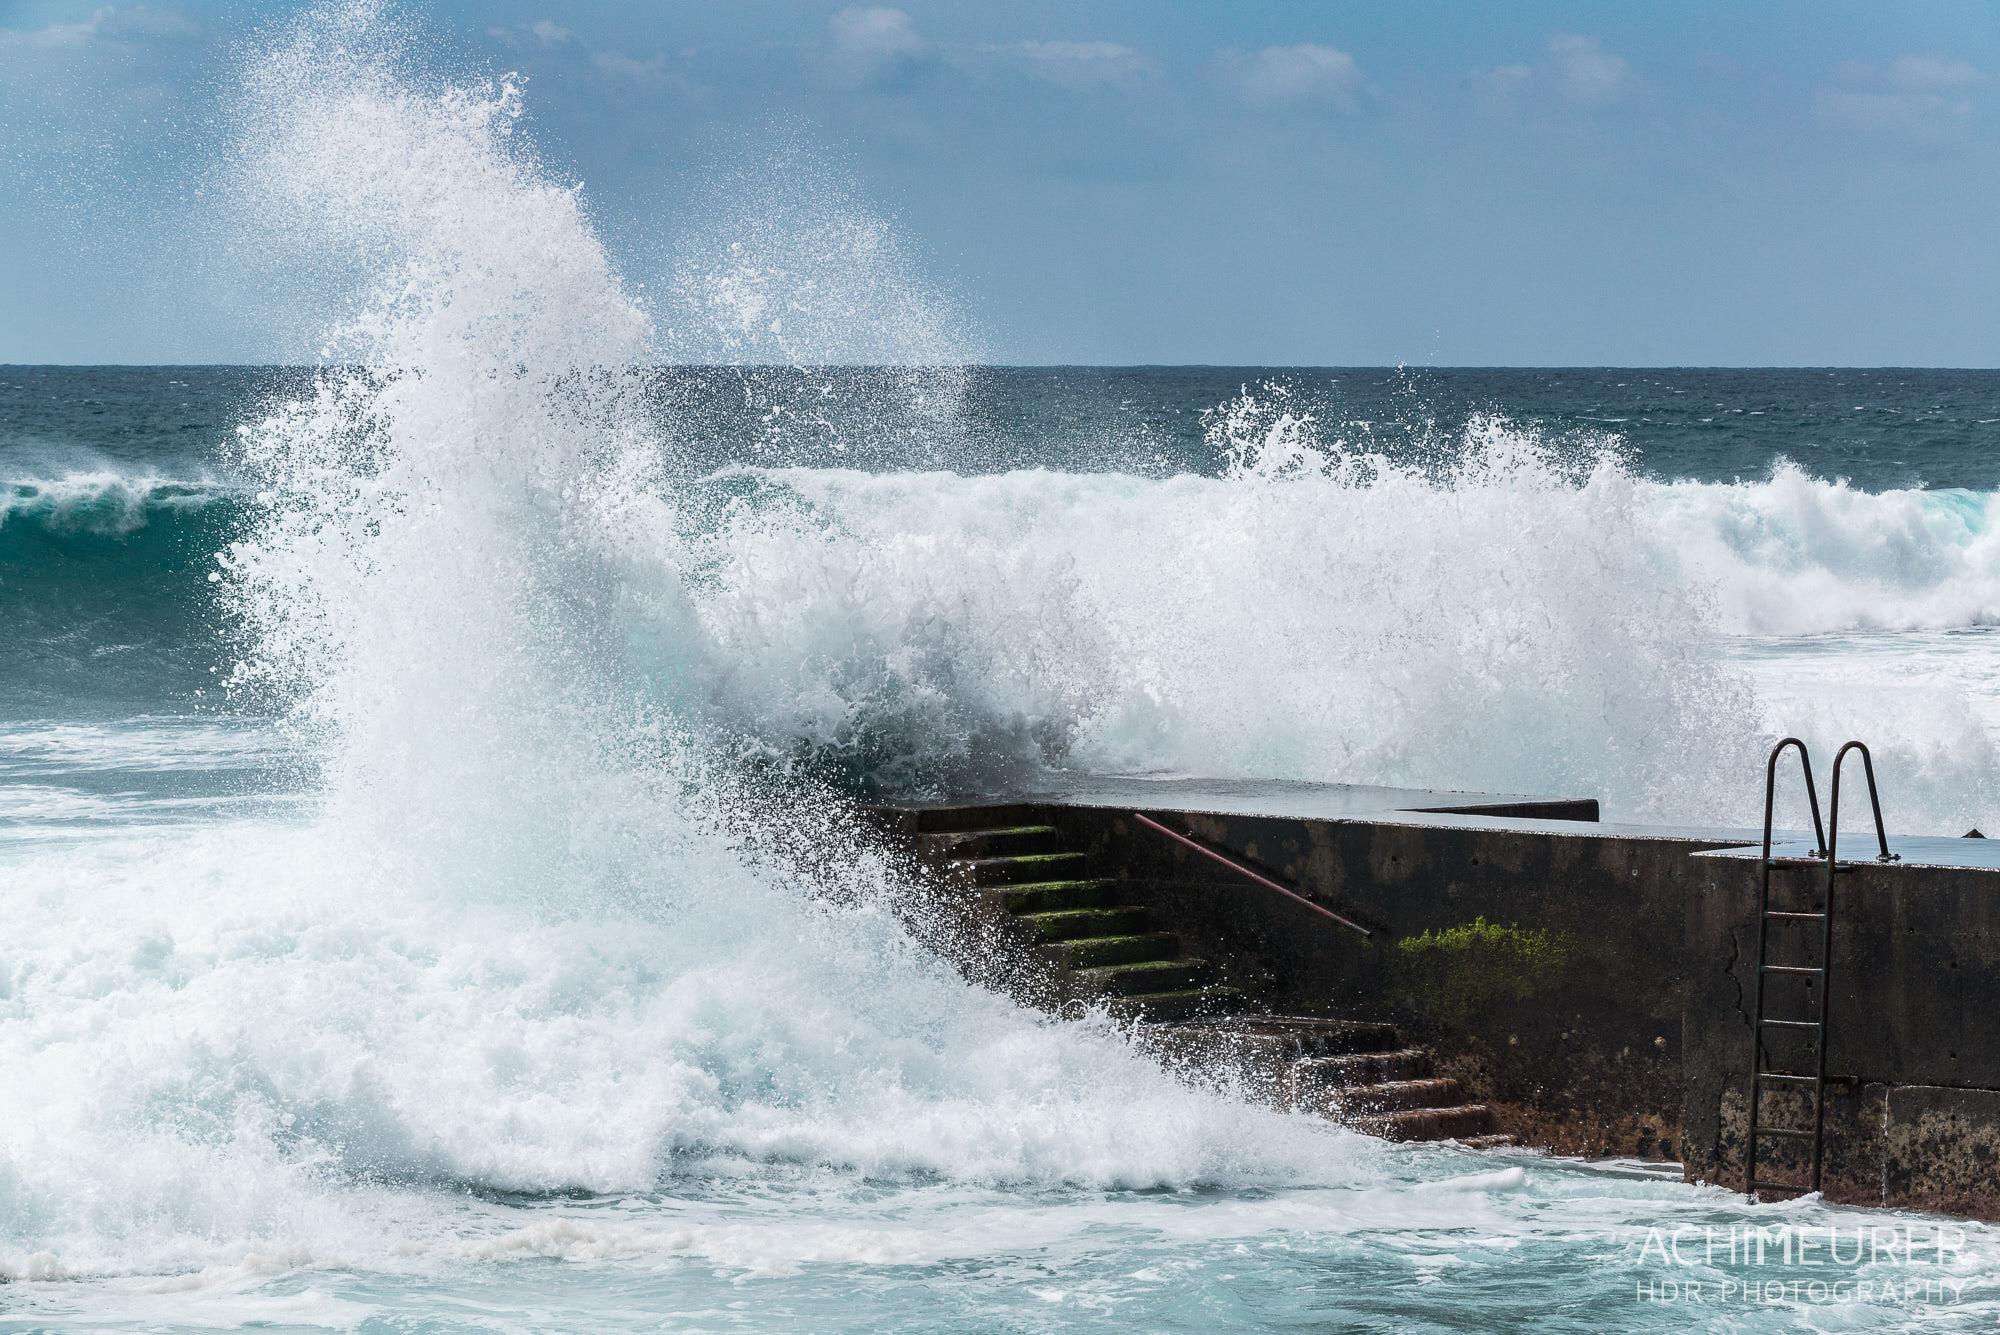 Naturgewalten - an der Küste von Madeira by Array.